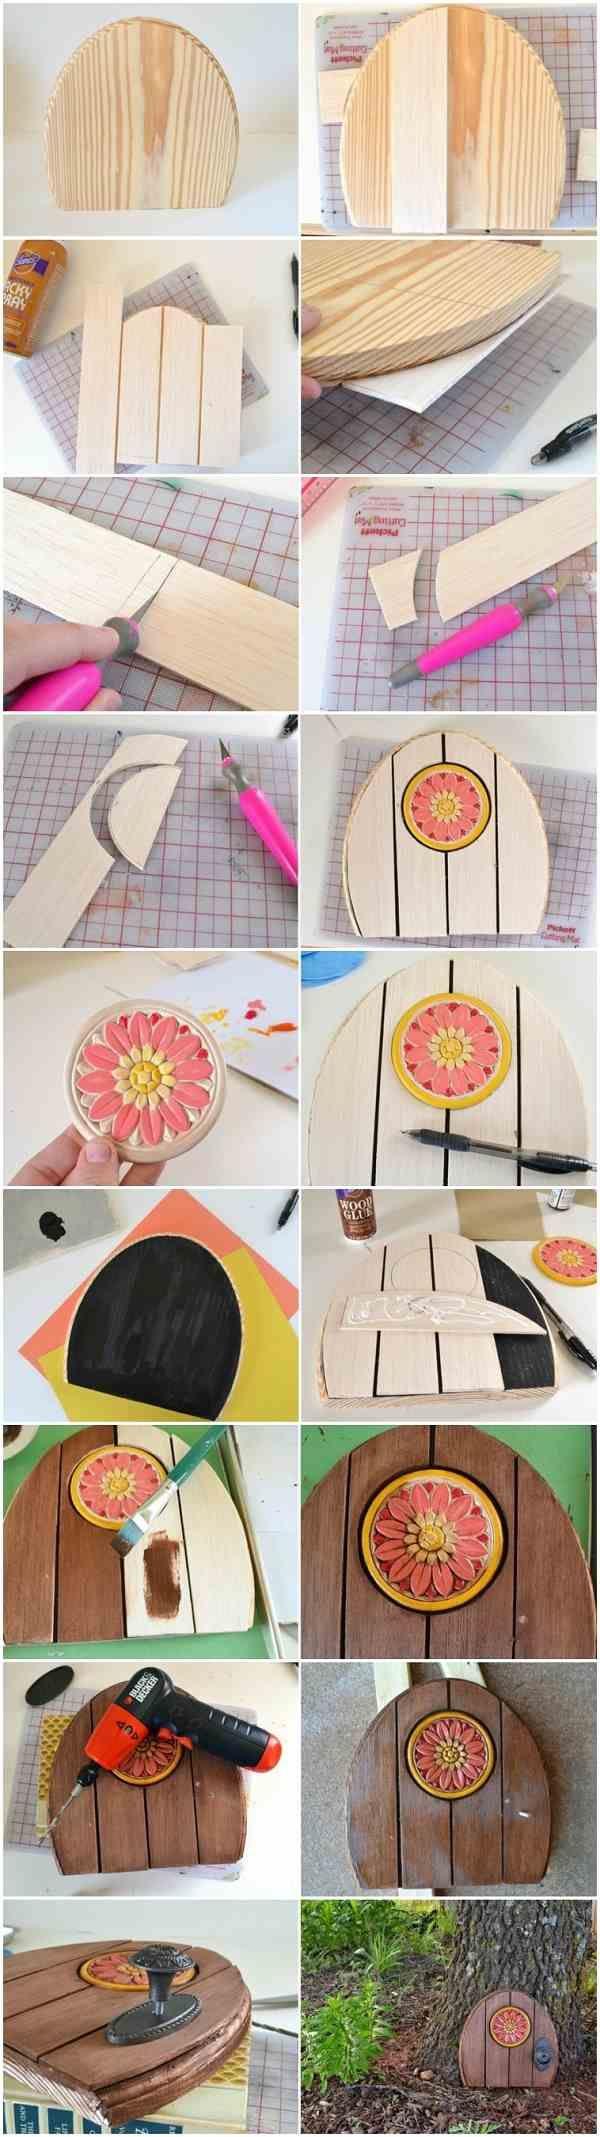 how to make a fairy door wooden fairy doors DIY fairy doors ideas tutorial